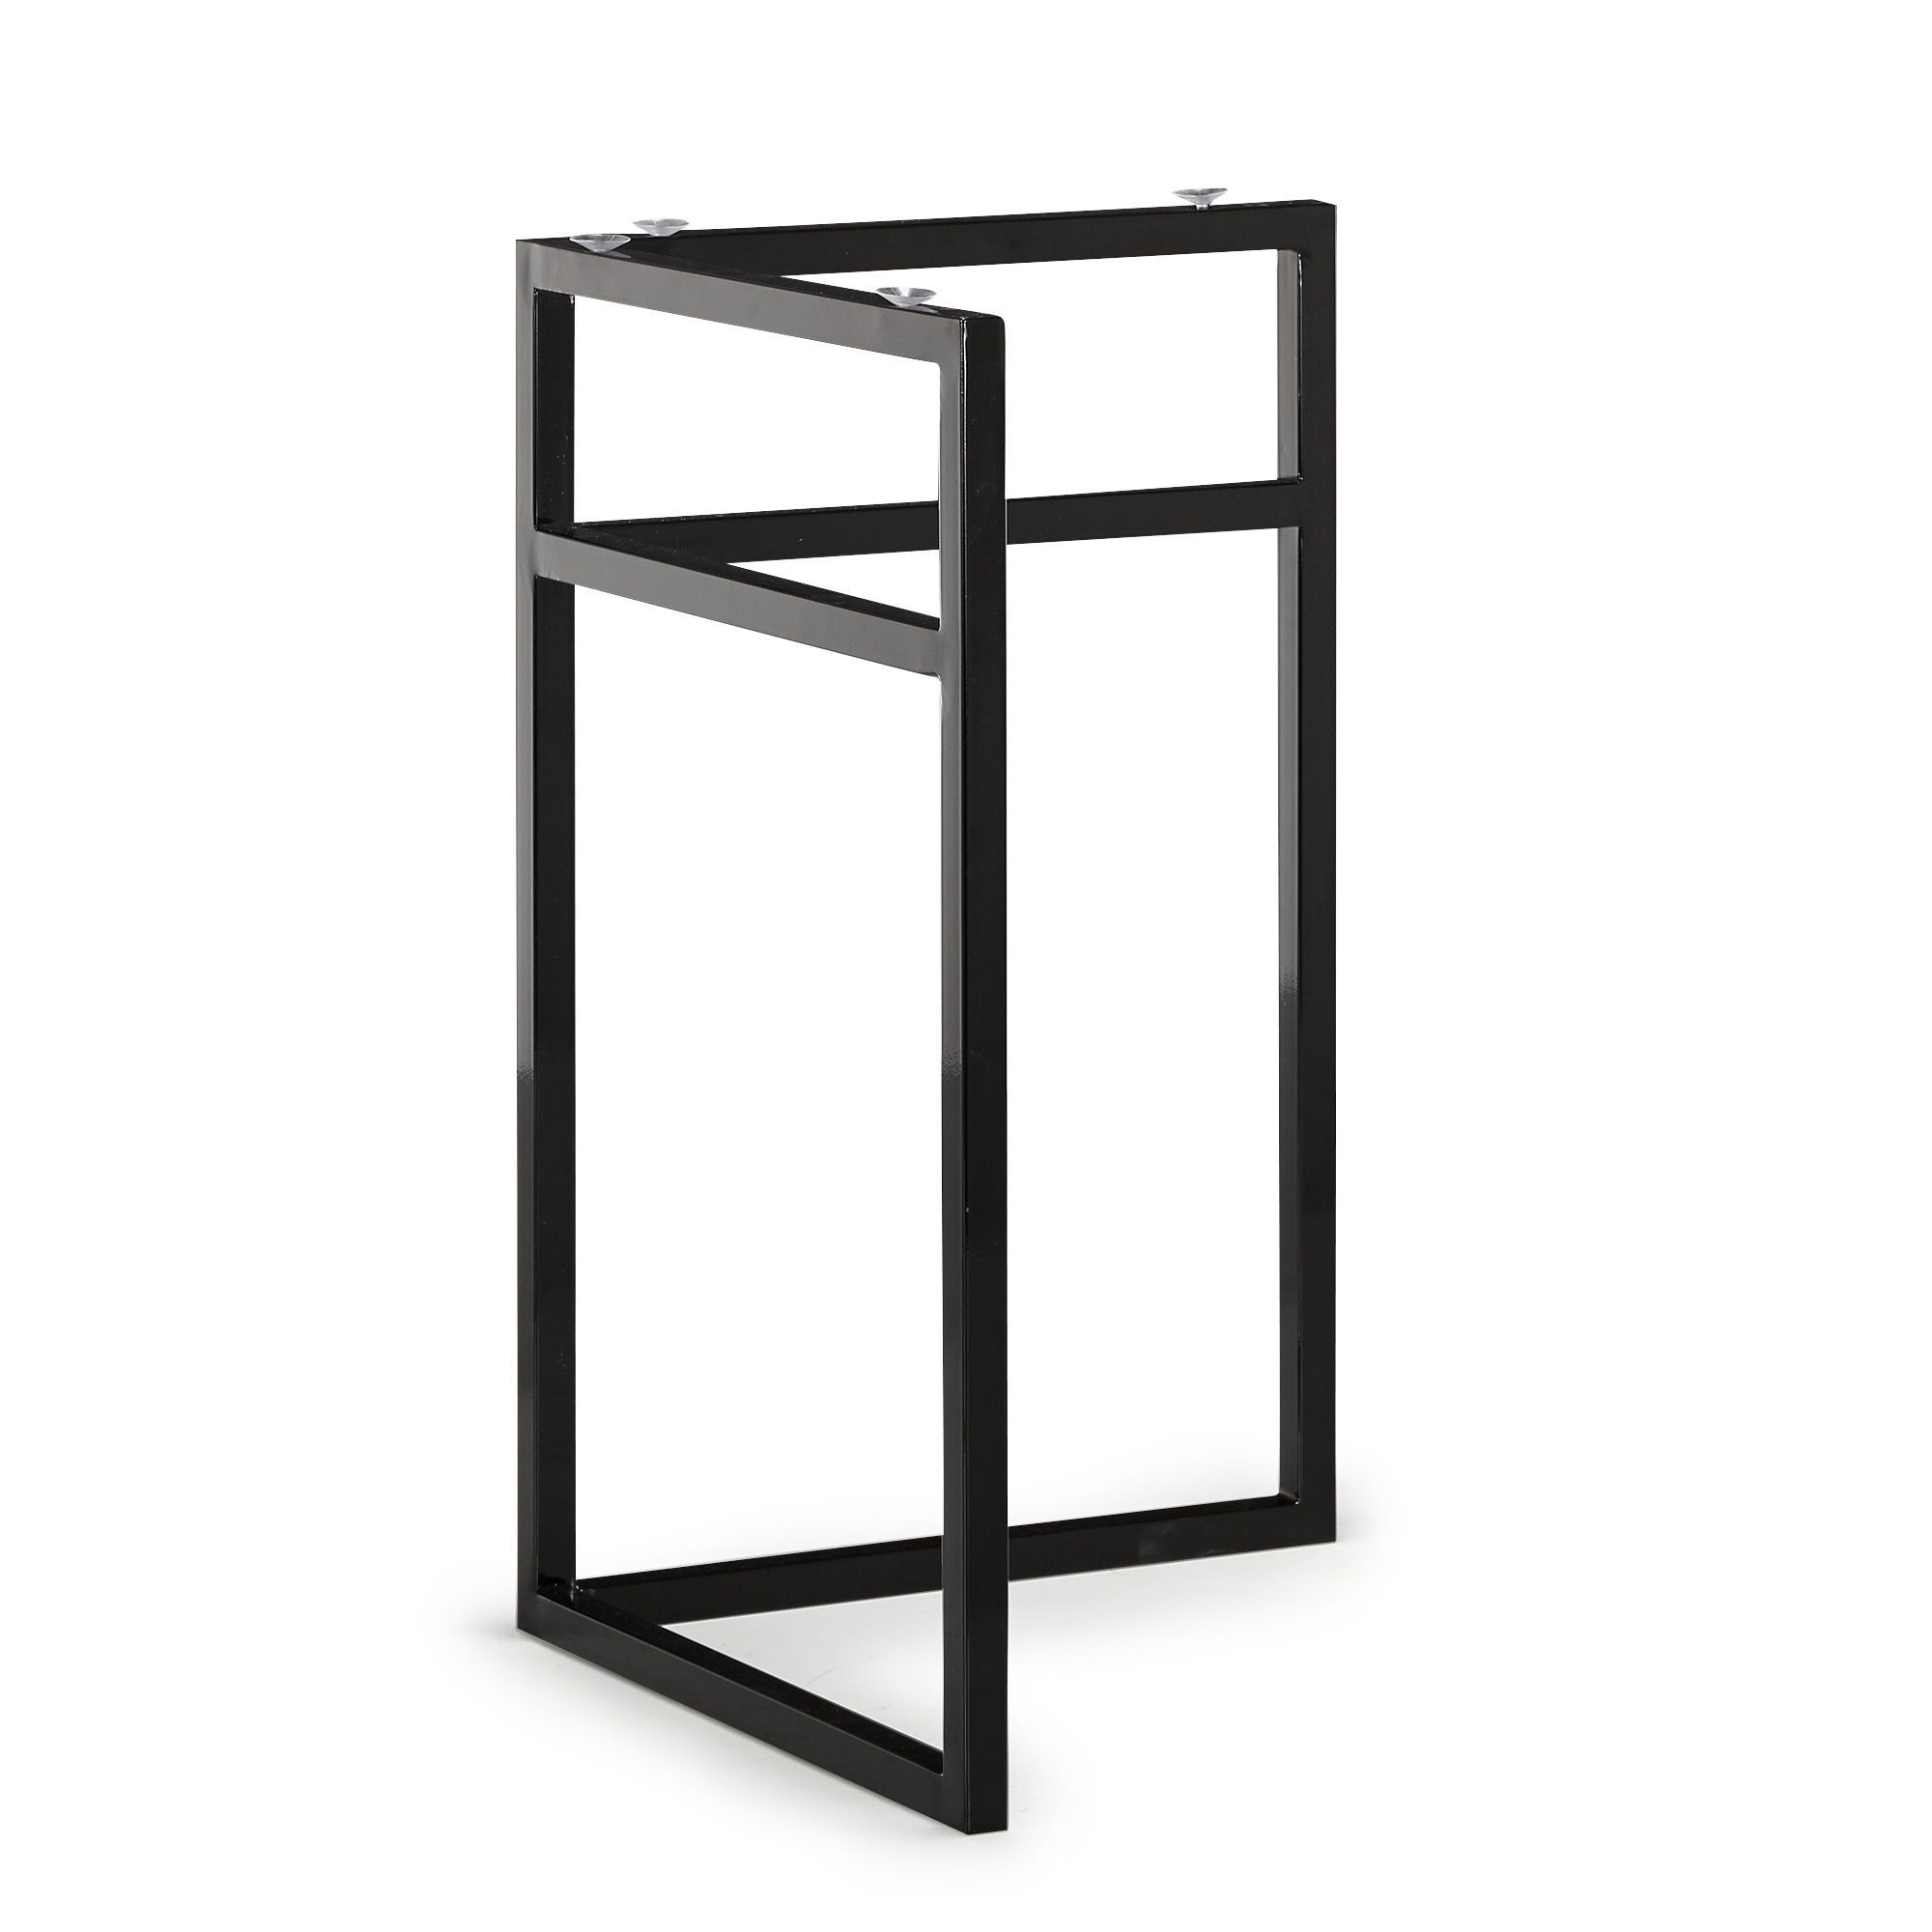 tr teau de bureau universel en m tal noir pour plateau. Black Bedroom Furniture Sets. Home Design Ideas